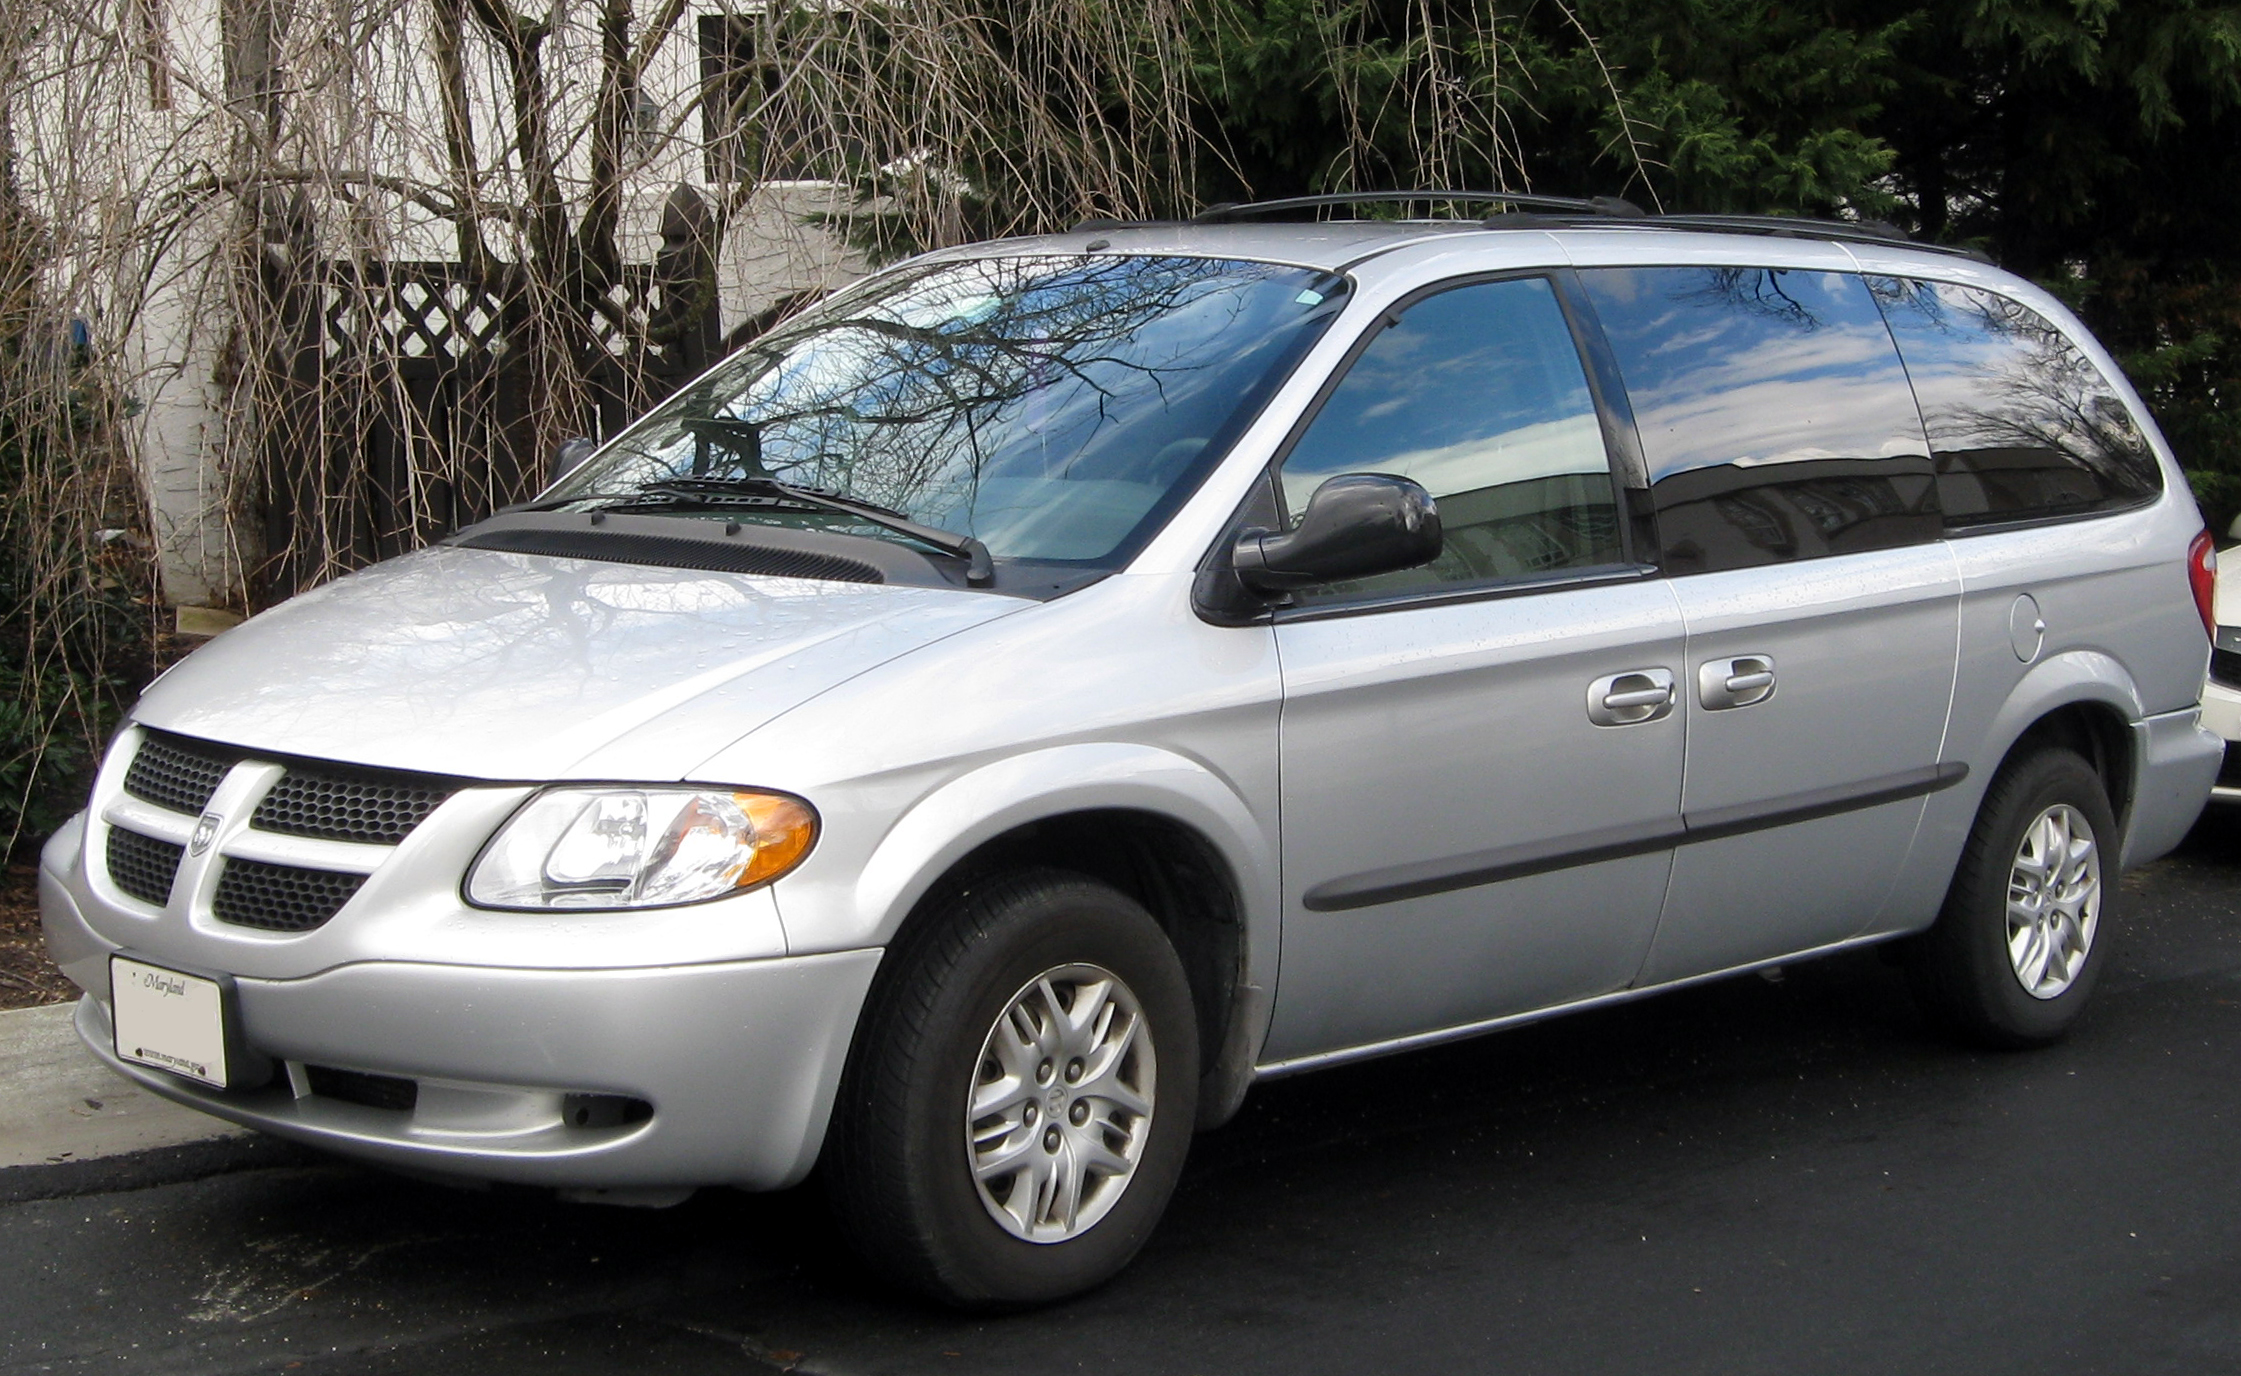 2001 Dodge Caravan